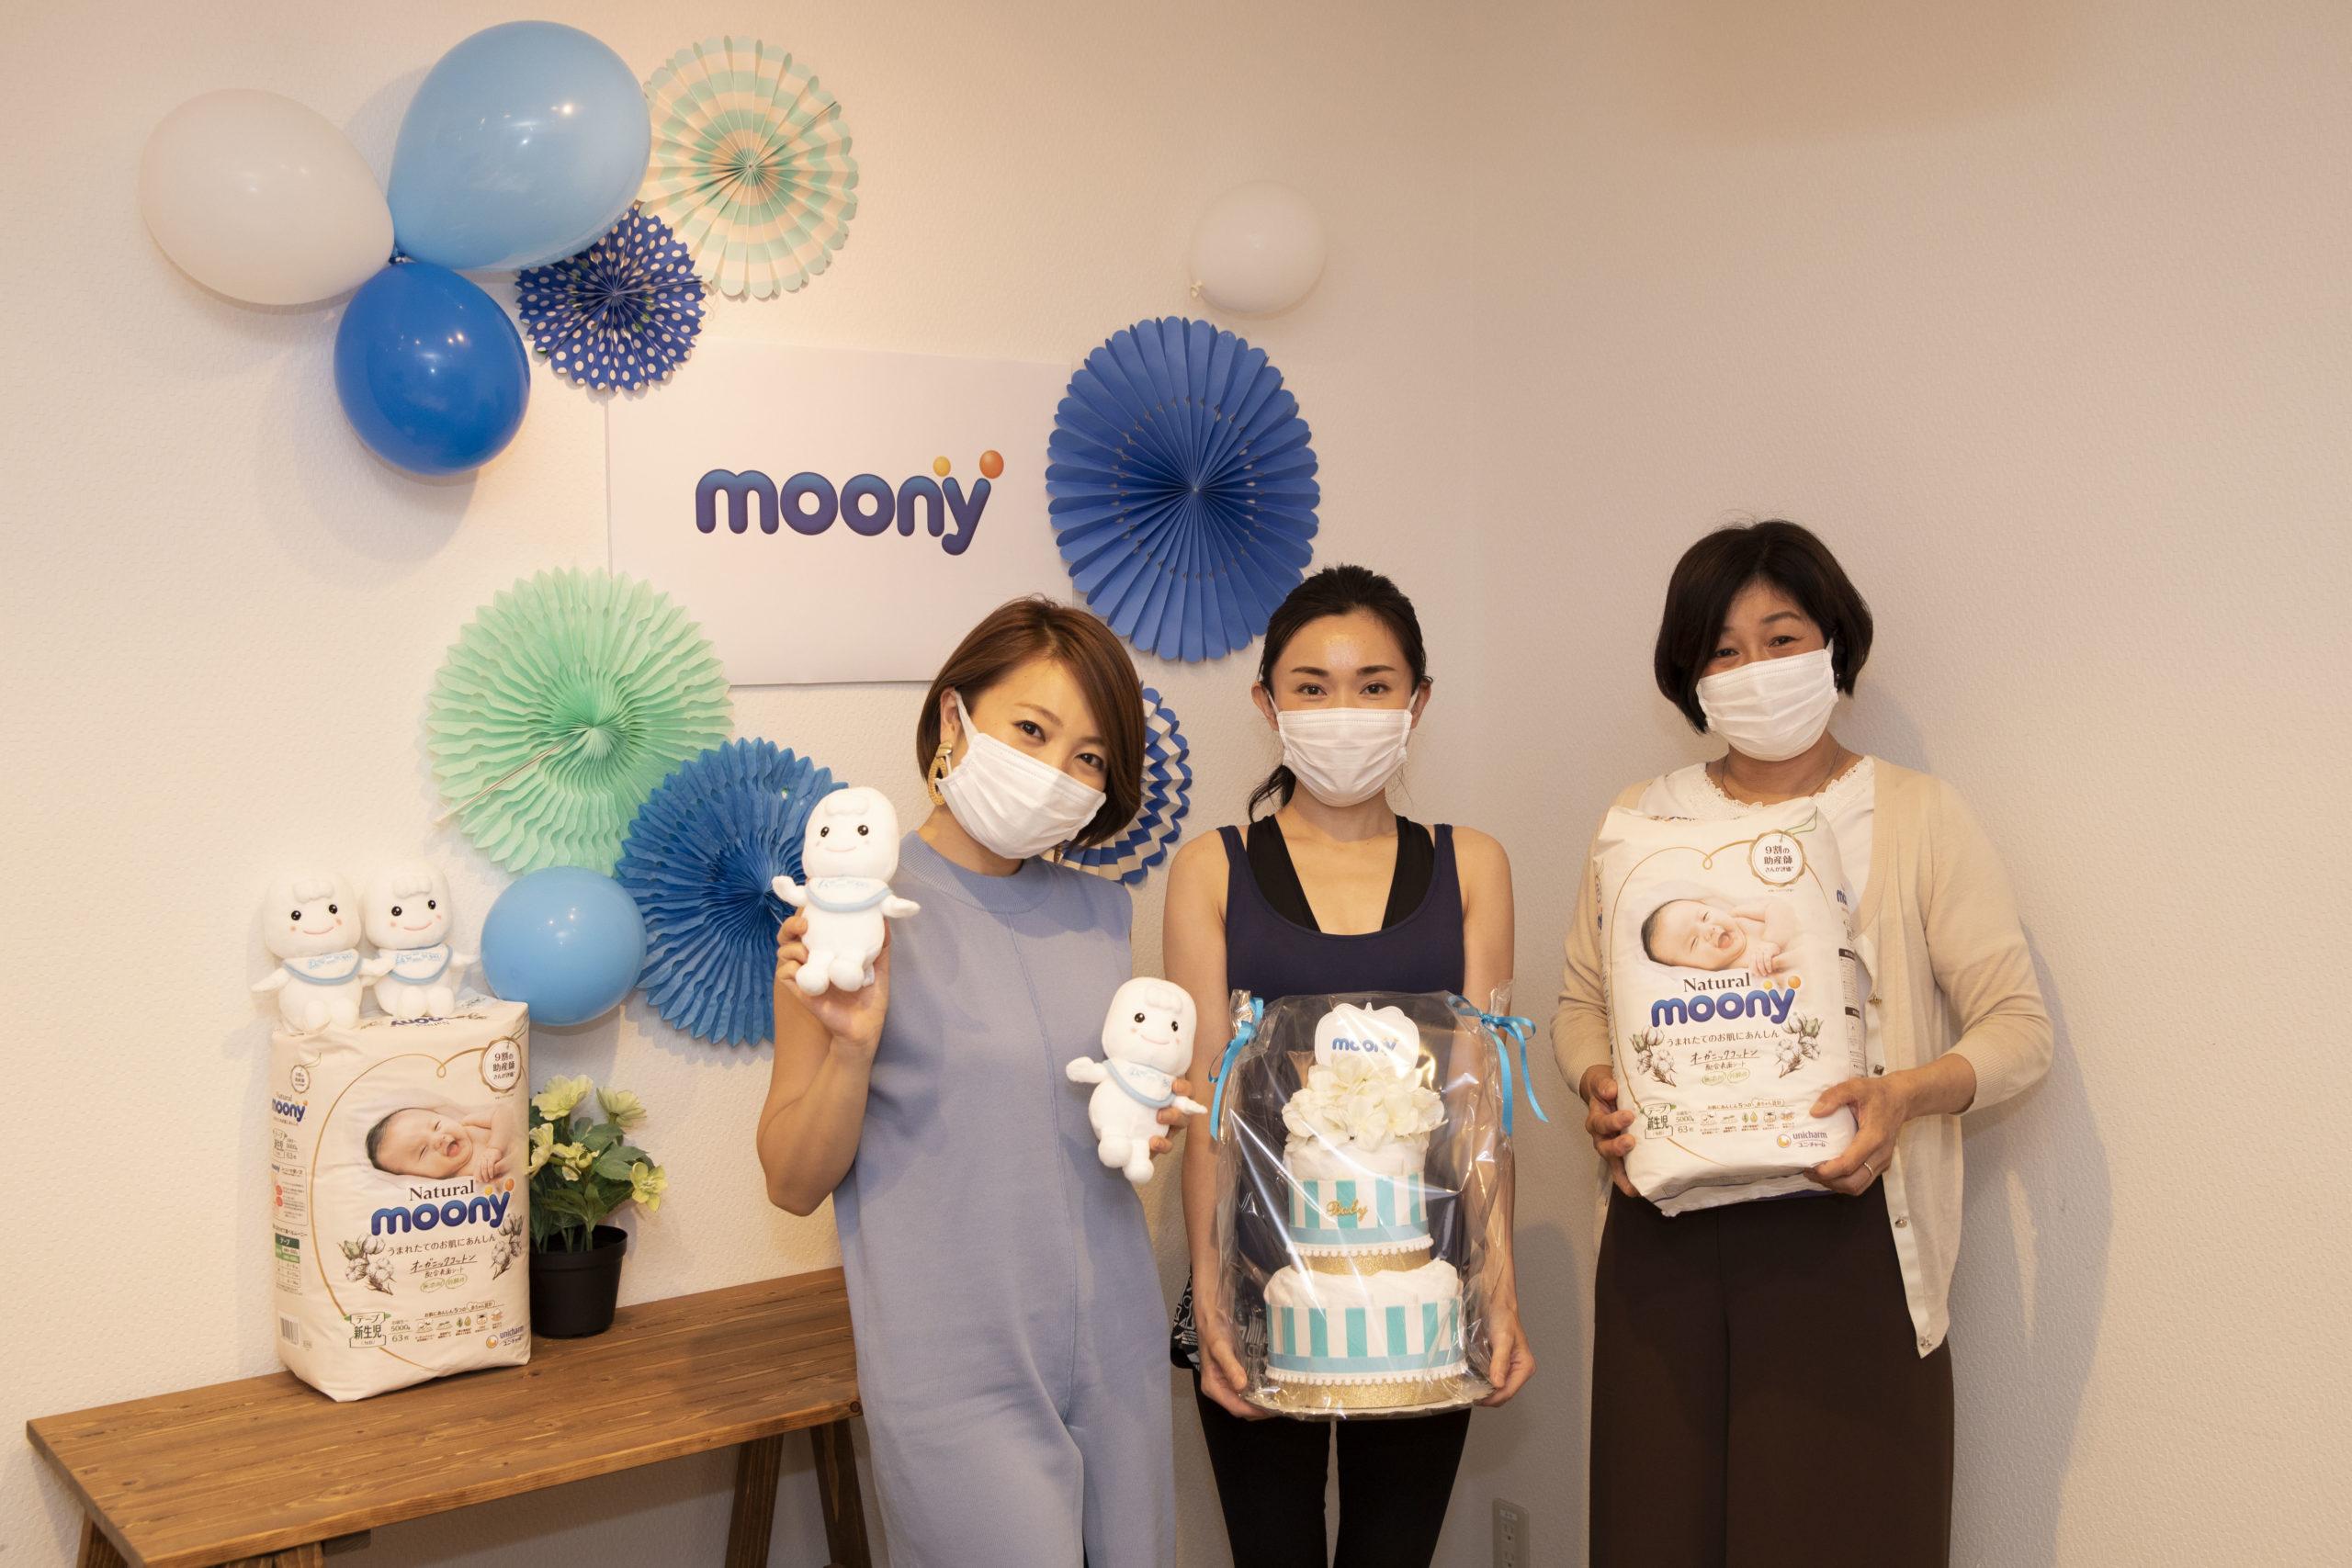 8月2日(日)moony公式インスタグラムの両親学級「Onlineムーニーちゃん学級」に弊社代表真鍋が出演します。